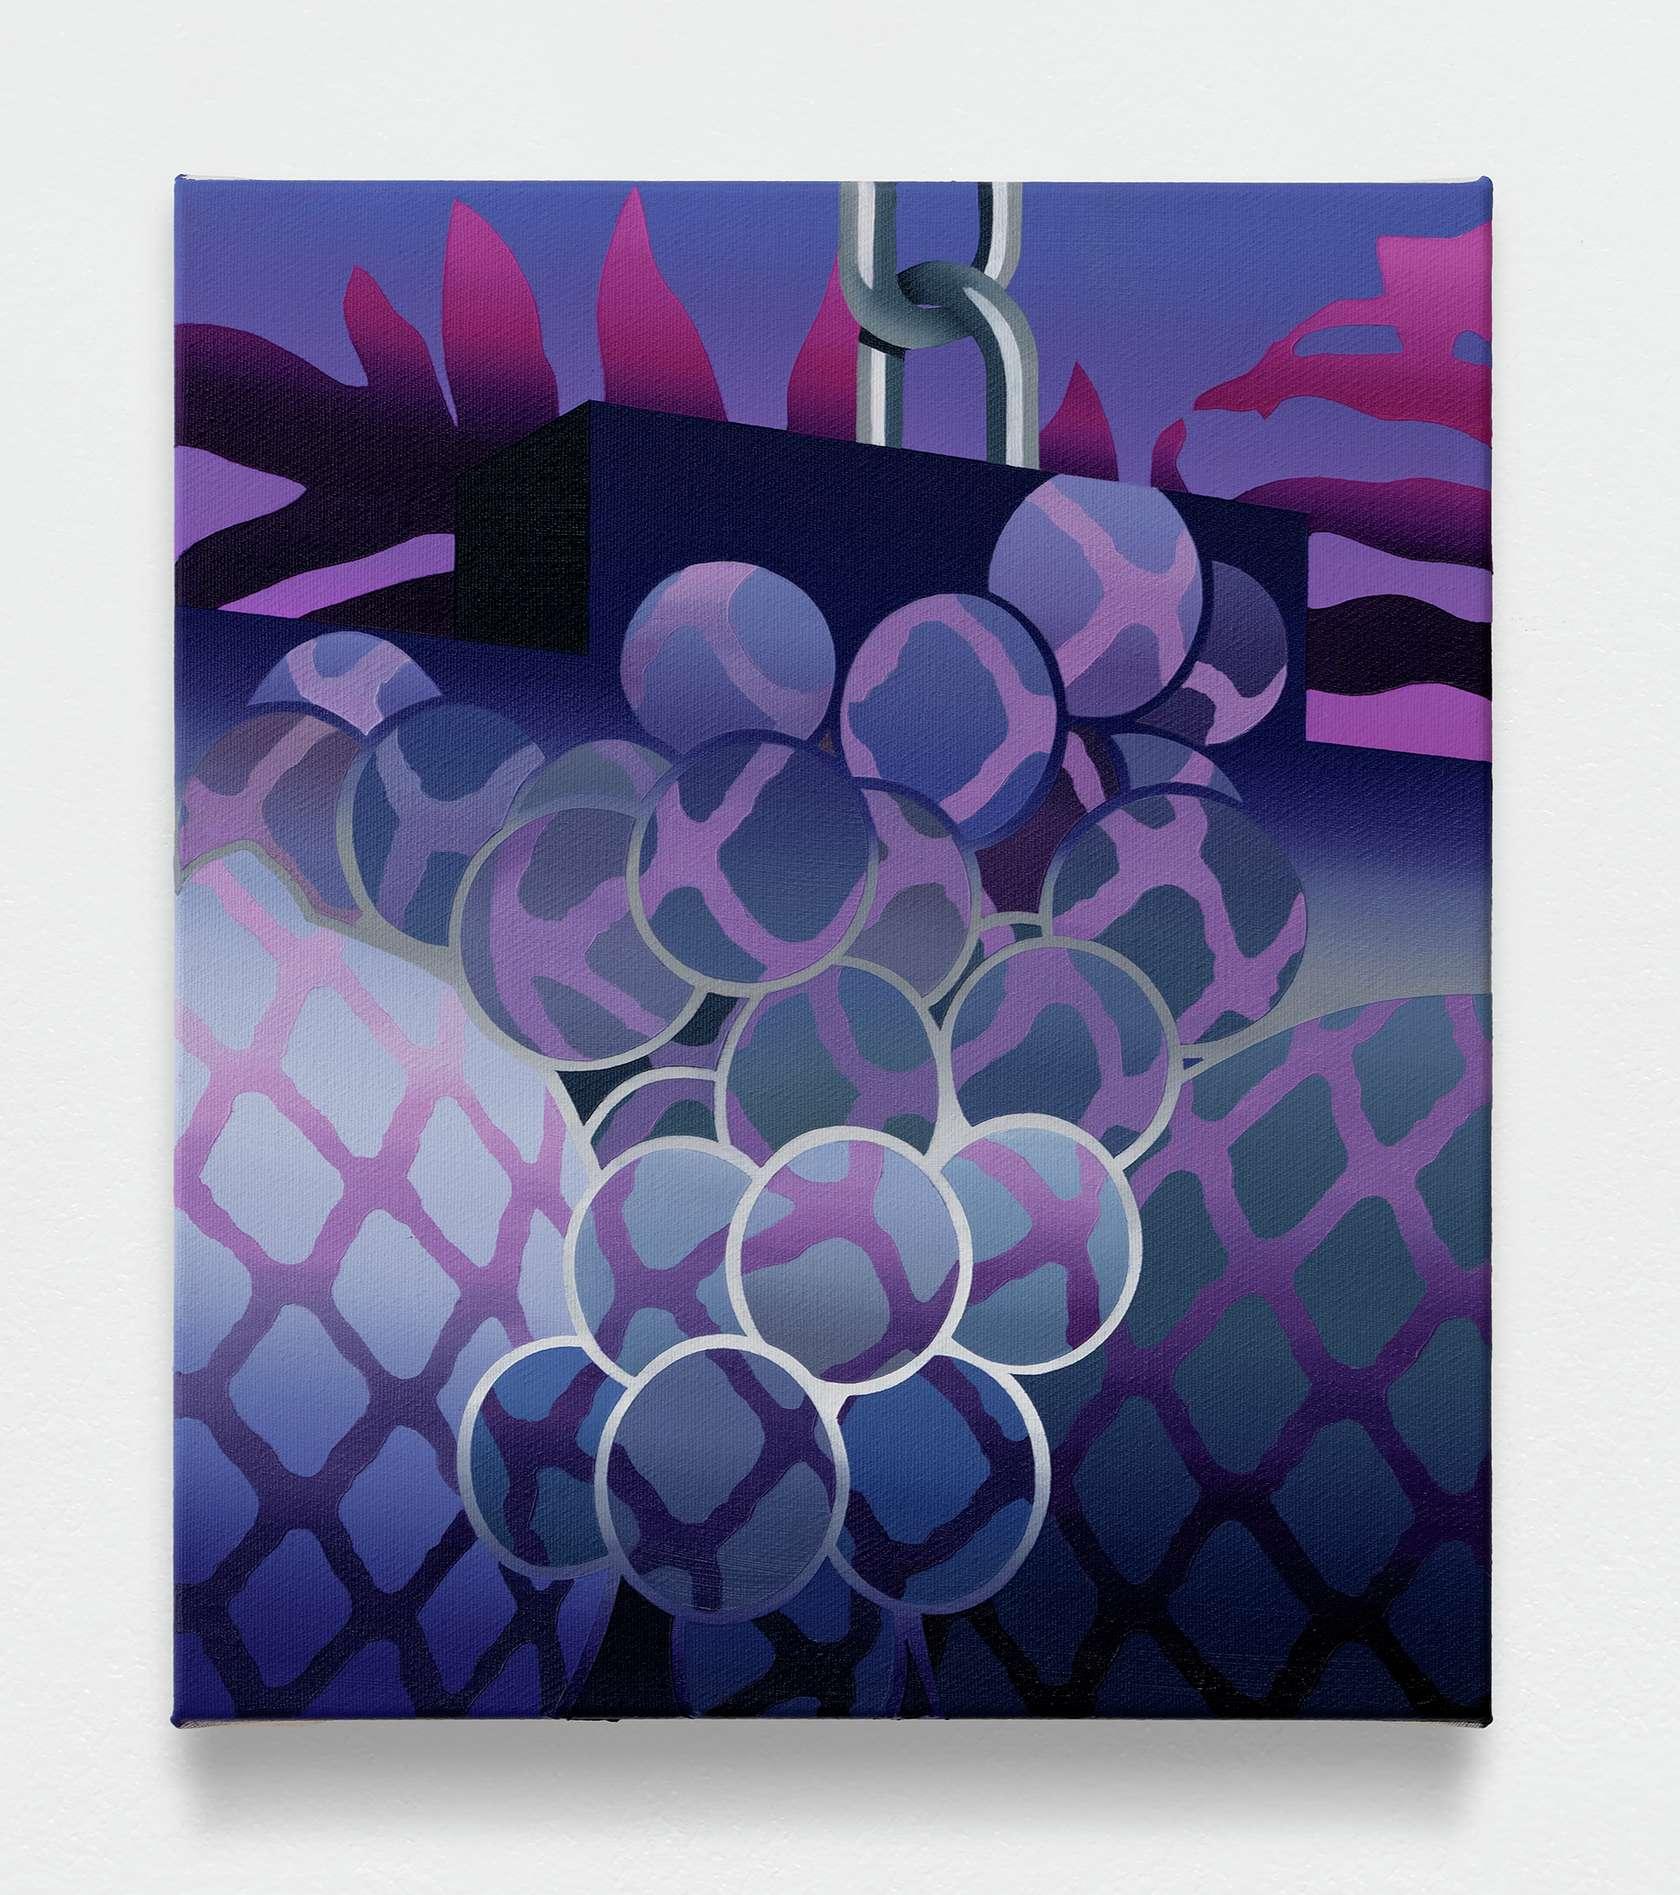 Amélie Bertrand, Tight Curve  I, 2019 Huile sur toile35 x 30cm / 13 6/8 x 11 6/8inches